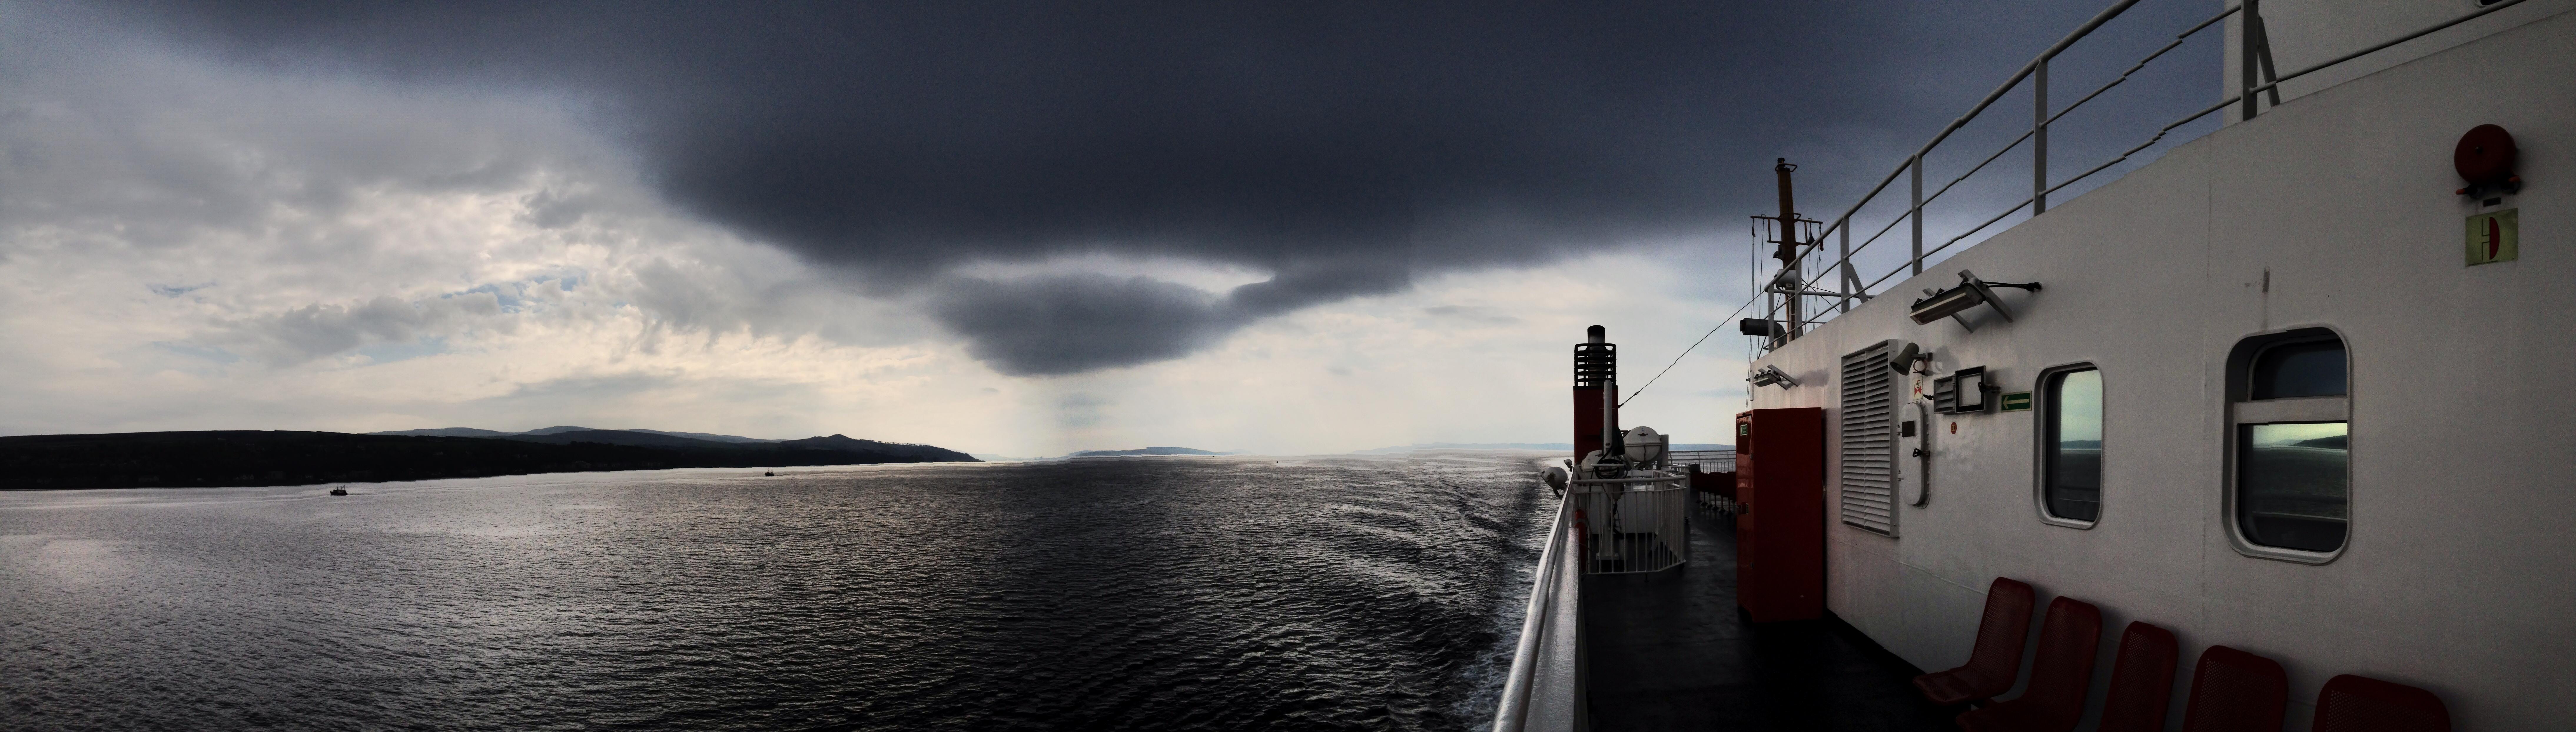 NateAscog_panorama_boat